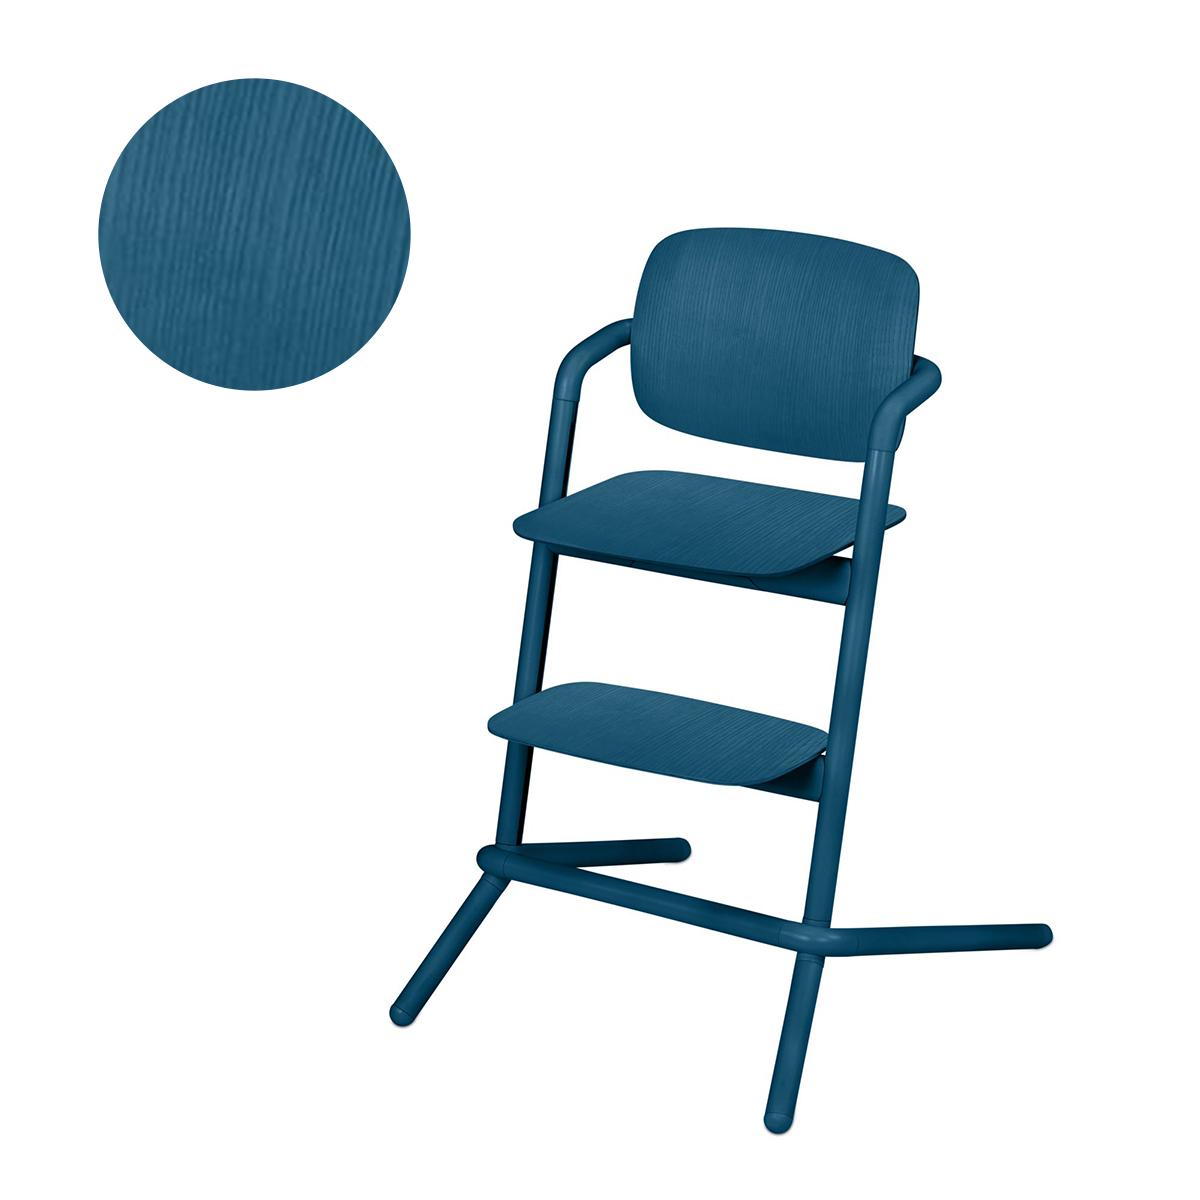 Chaise haute Cybex Lemo bois - Twilight Blue